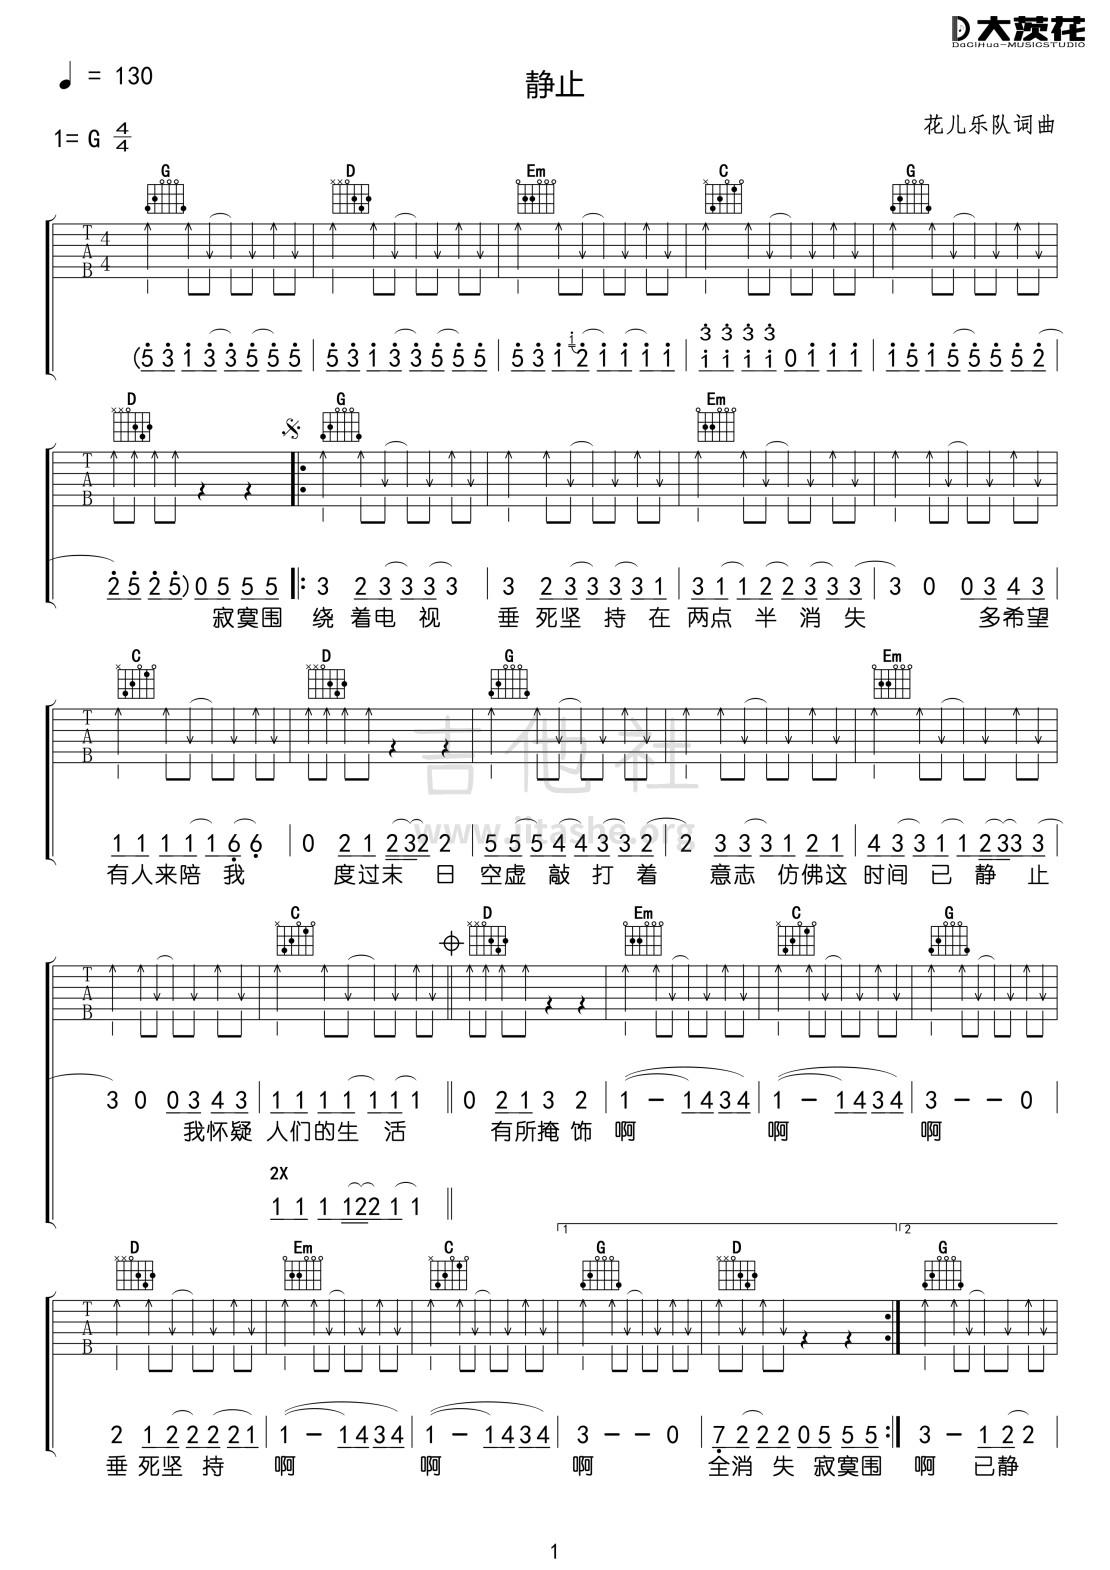 静止(G+C)吉他谱(图片谱)_花儿(花儿乐队)_DCH 静止 G调男版01.jpg